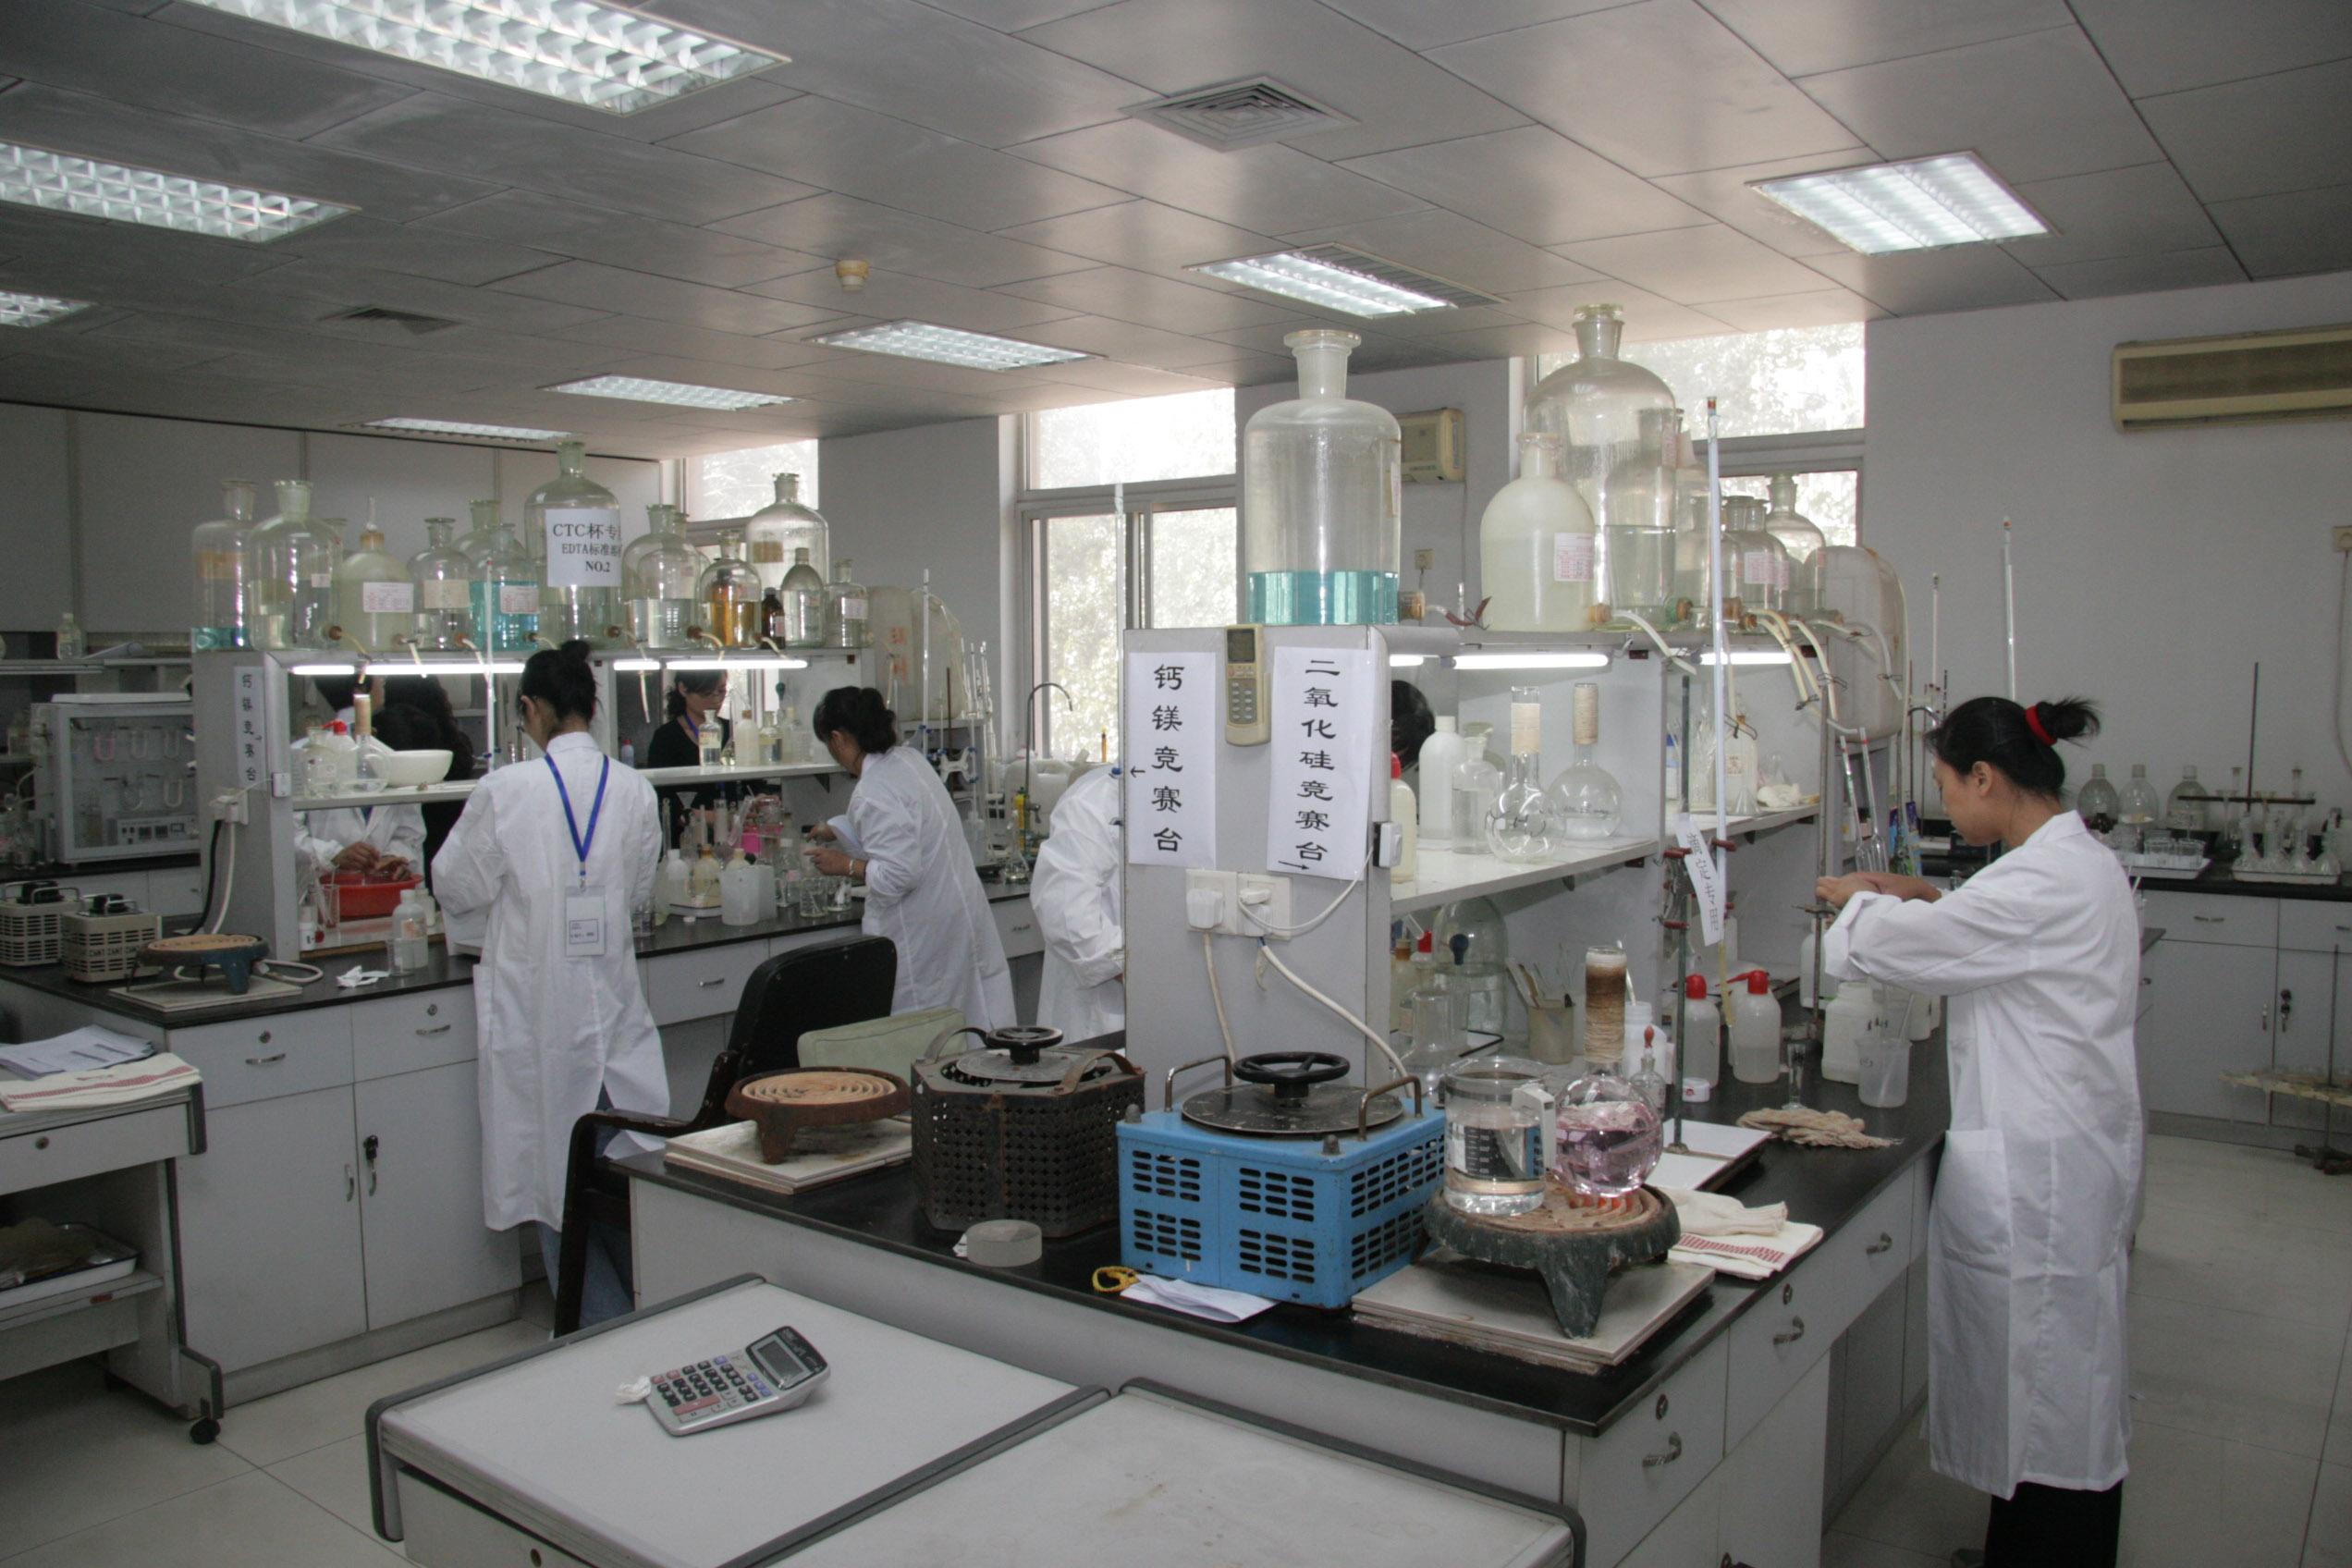 高效过滤器在称量室如何维修保养